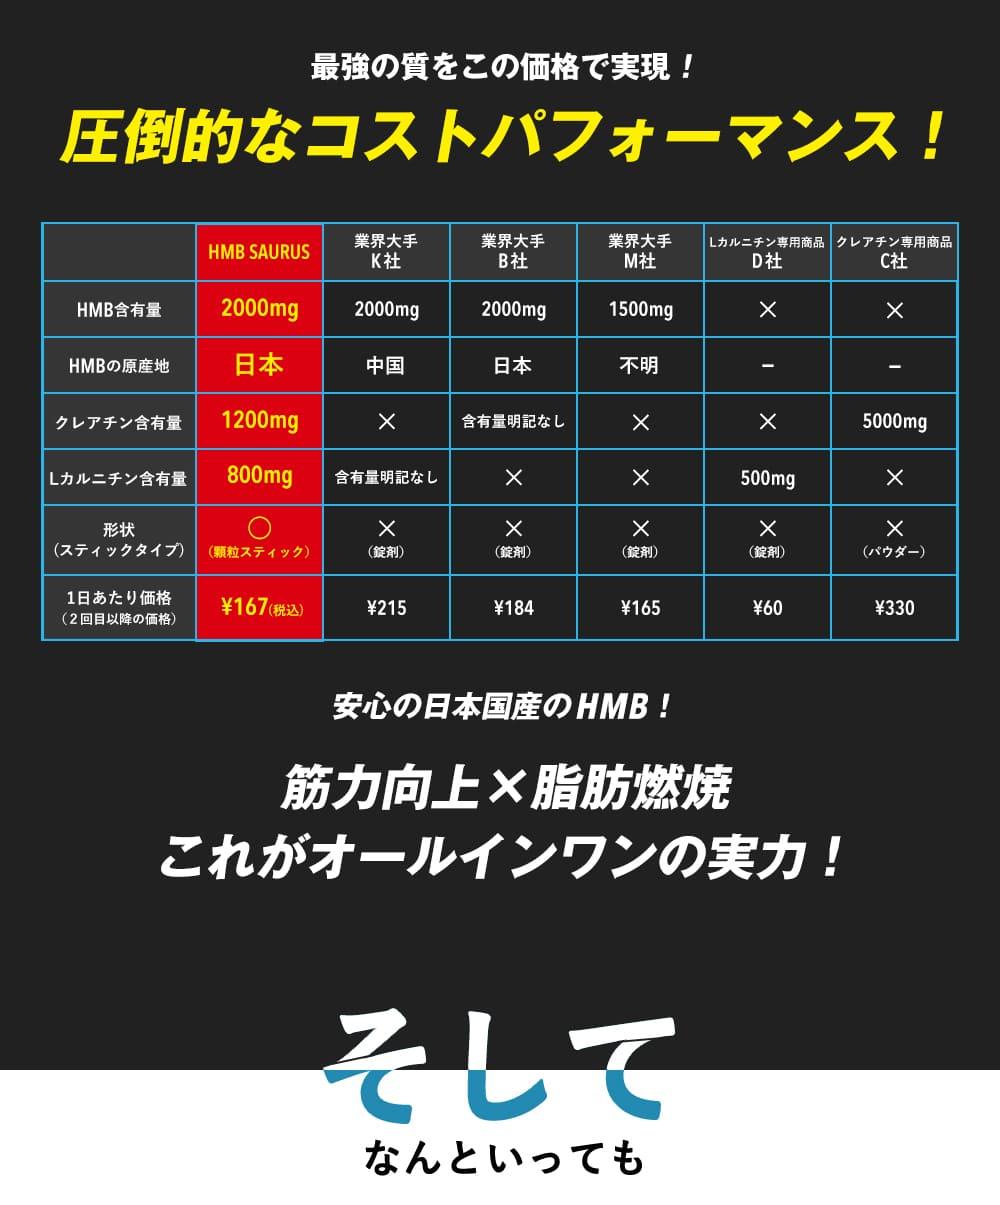 最強の質をこの価格で実現!圧倒的なコストパフォーマンス!安心の日本国産のHMB!筋力向上×脂肪燃焼これがオールインワンの実力!